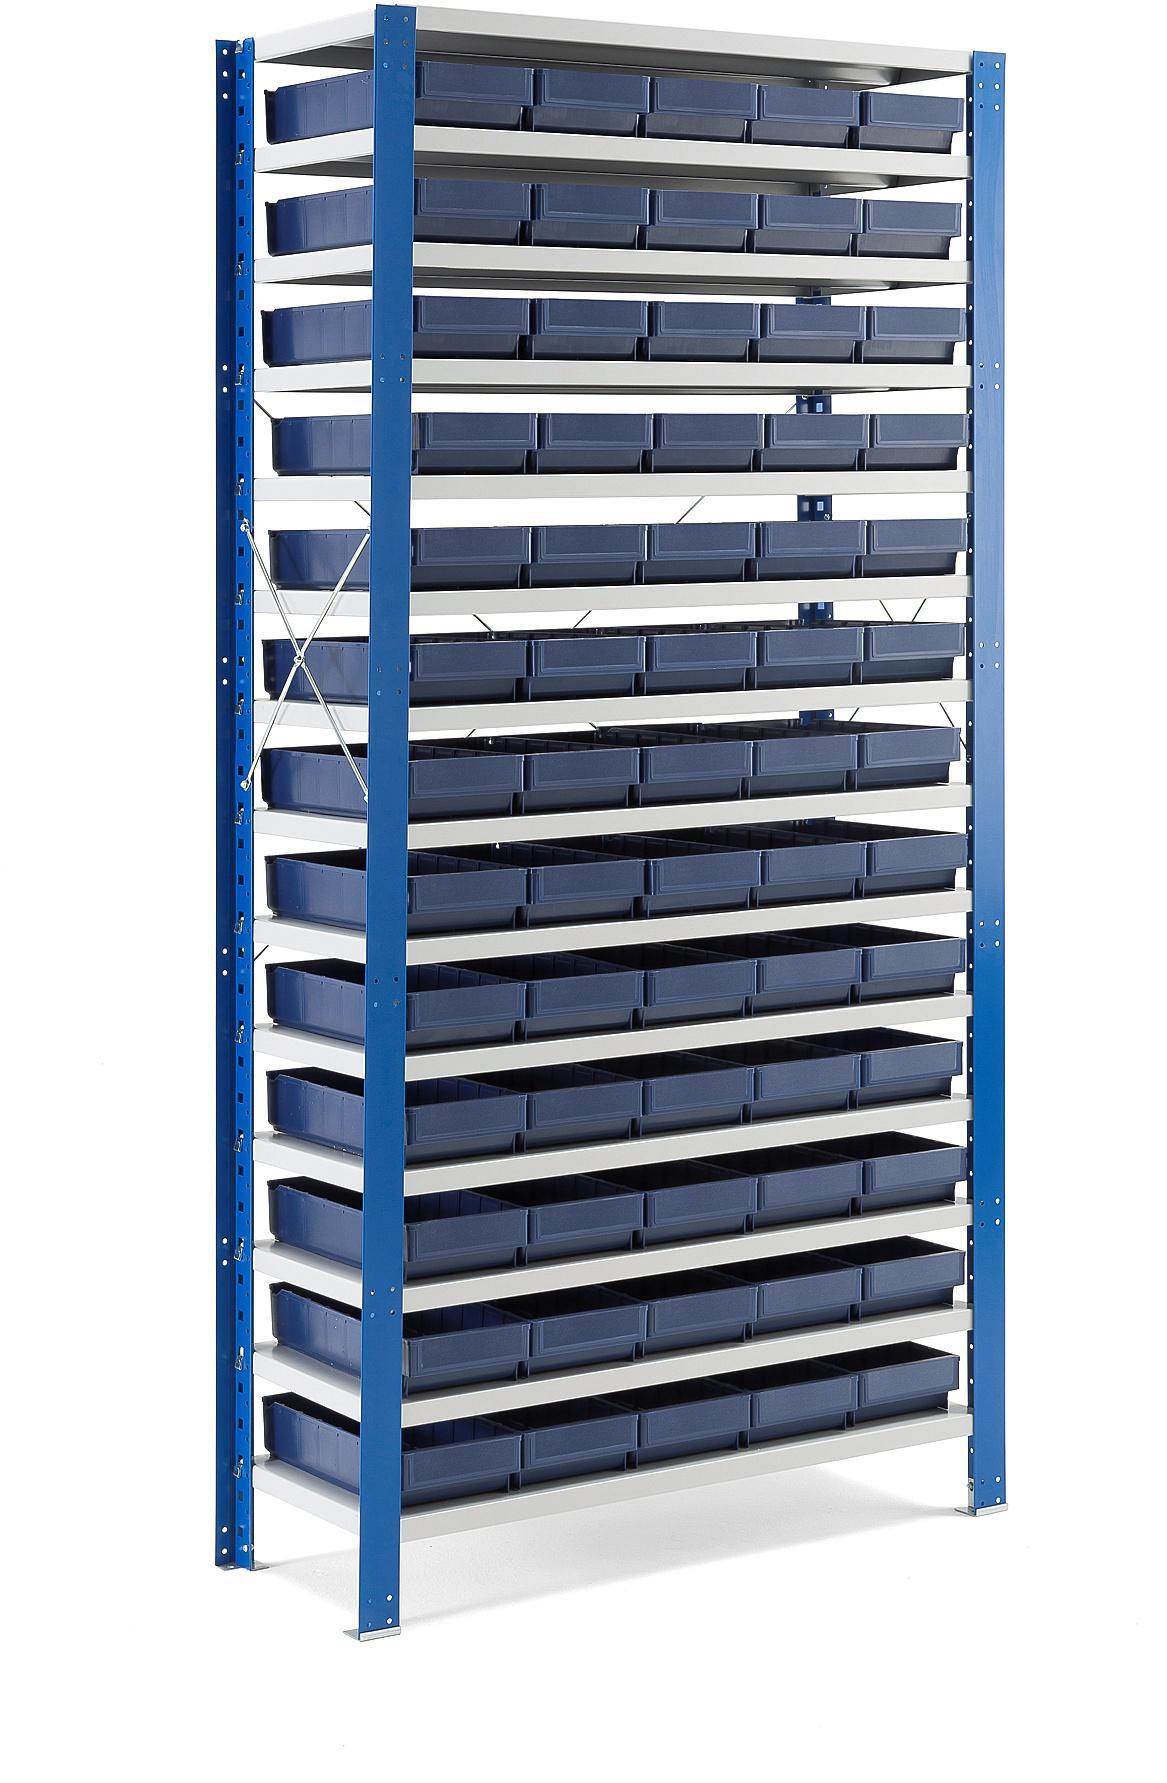 Regál na plastové boxy, 65 boxov, 2100x1000x500 mm, modré boxy